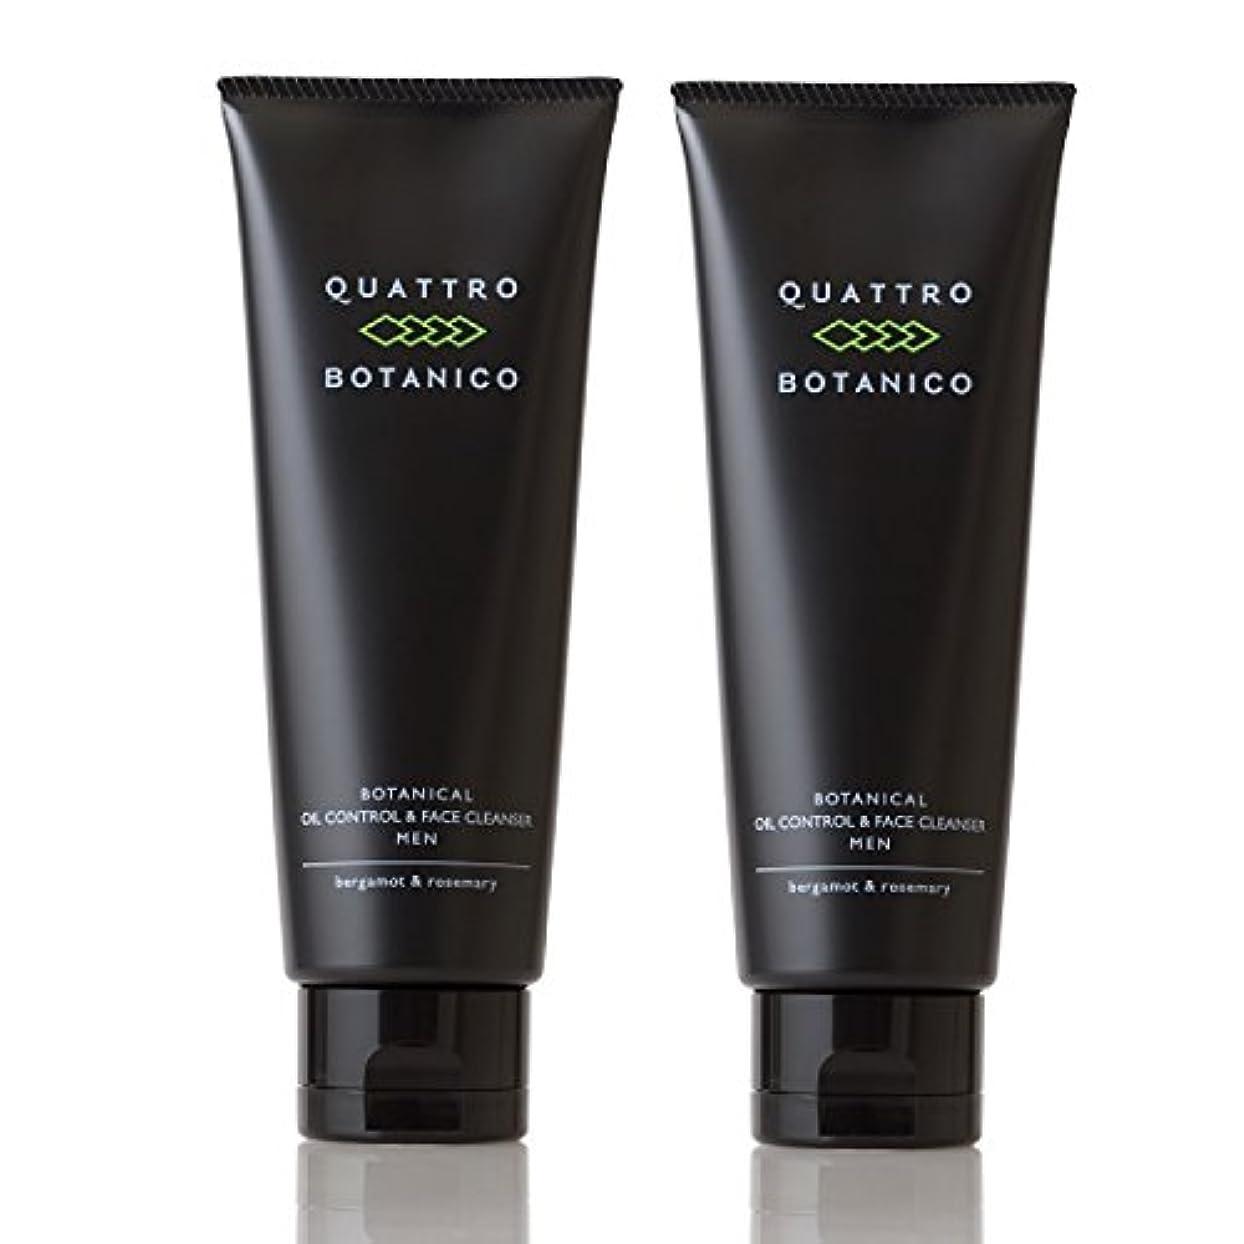 貸し手不毛の目を覚ますクワトロボタニコ (QUATTRO BOTANICO) 【 メンズ 洗顔 】 ボタニカル オイルコントロール & フェイスクレンザー (男性 スキンケア) 《お得な2本セット》 120g × 2本